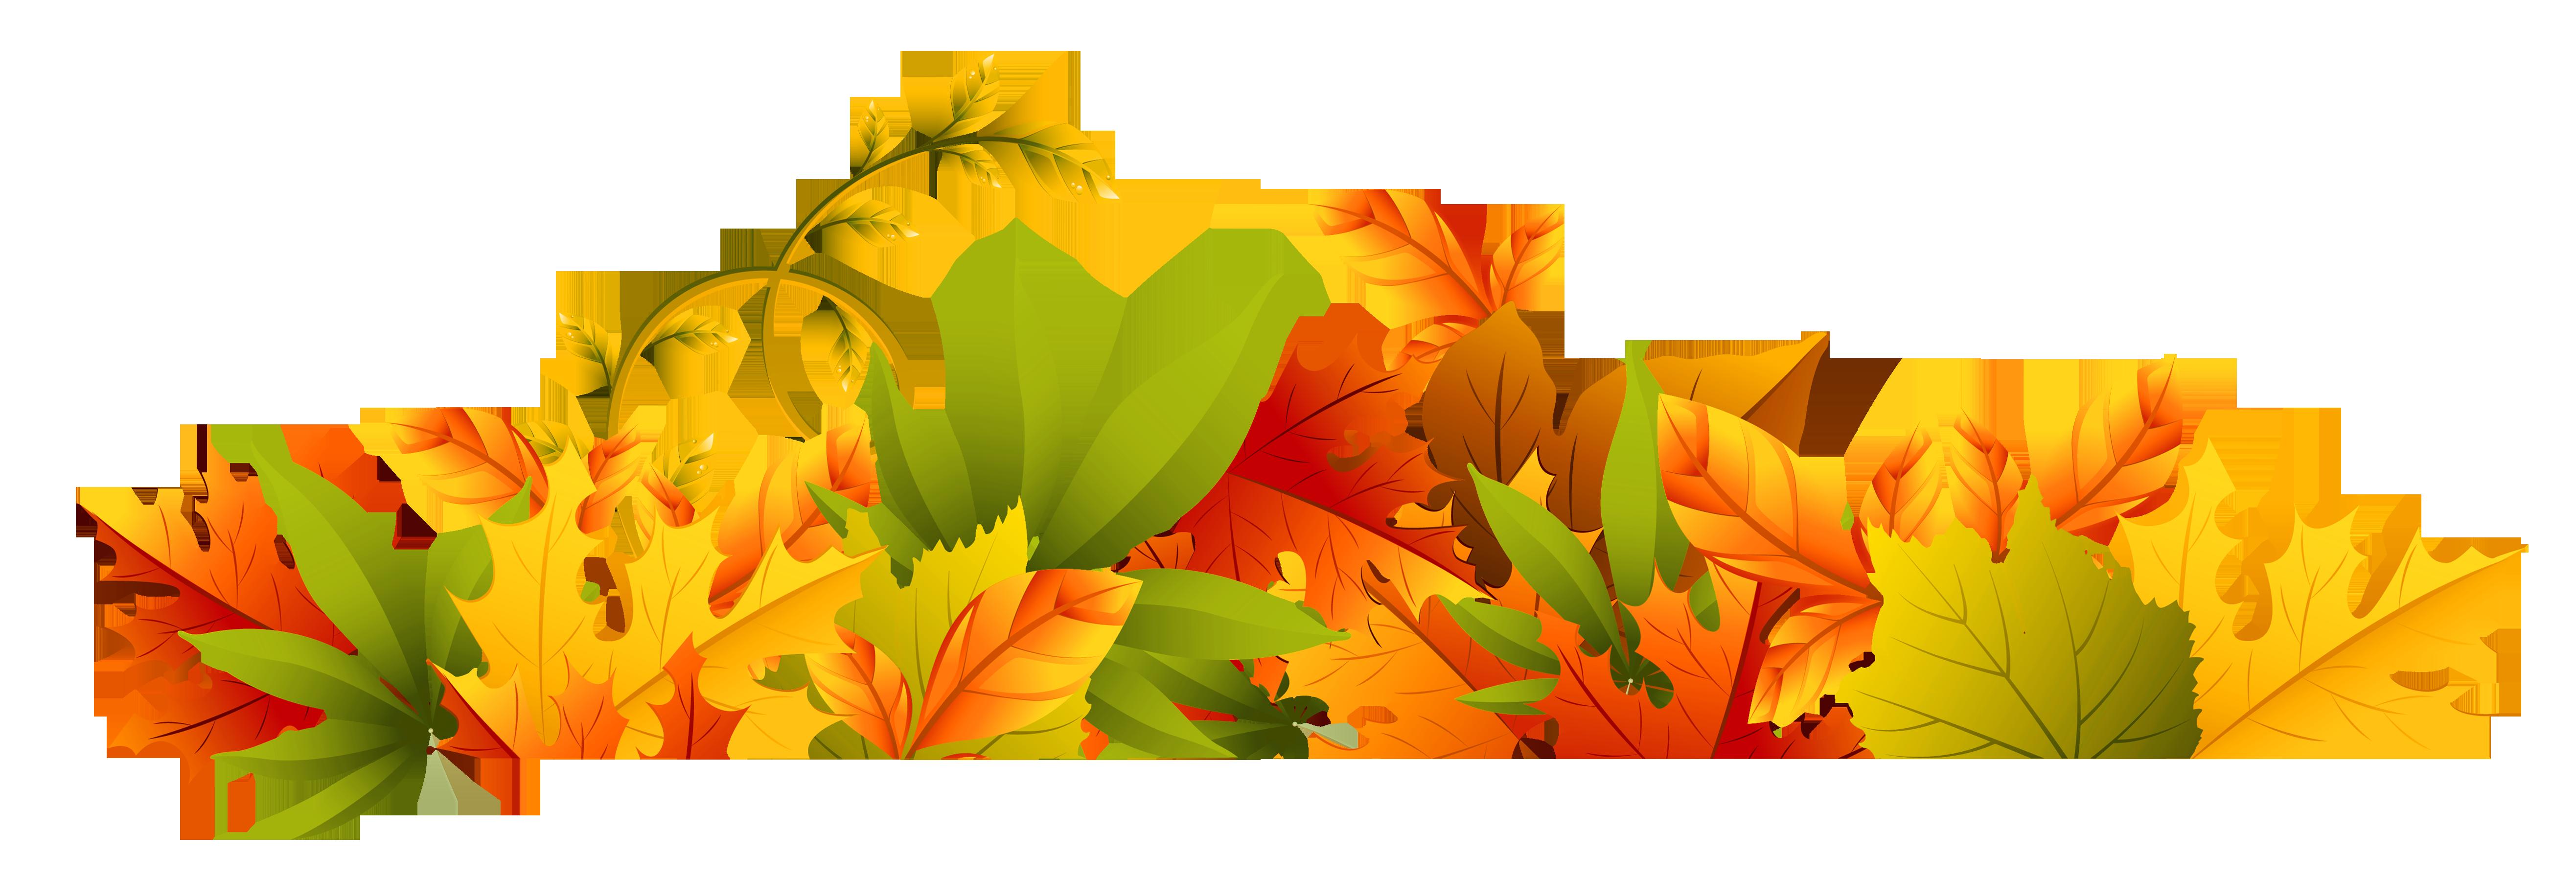 Fall autumn clip art free clipart 2 clip-Fall autumn clip art free clipart 2 clipartcow-2